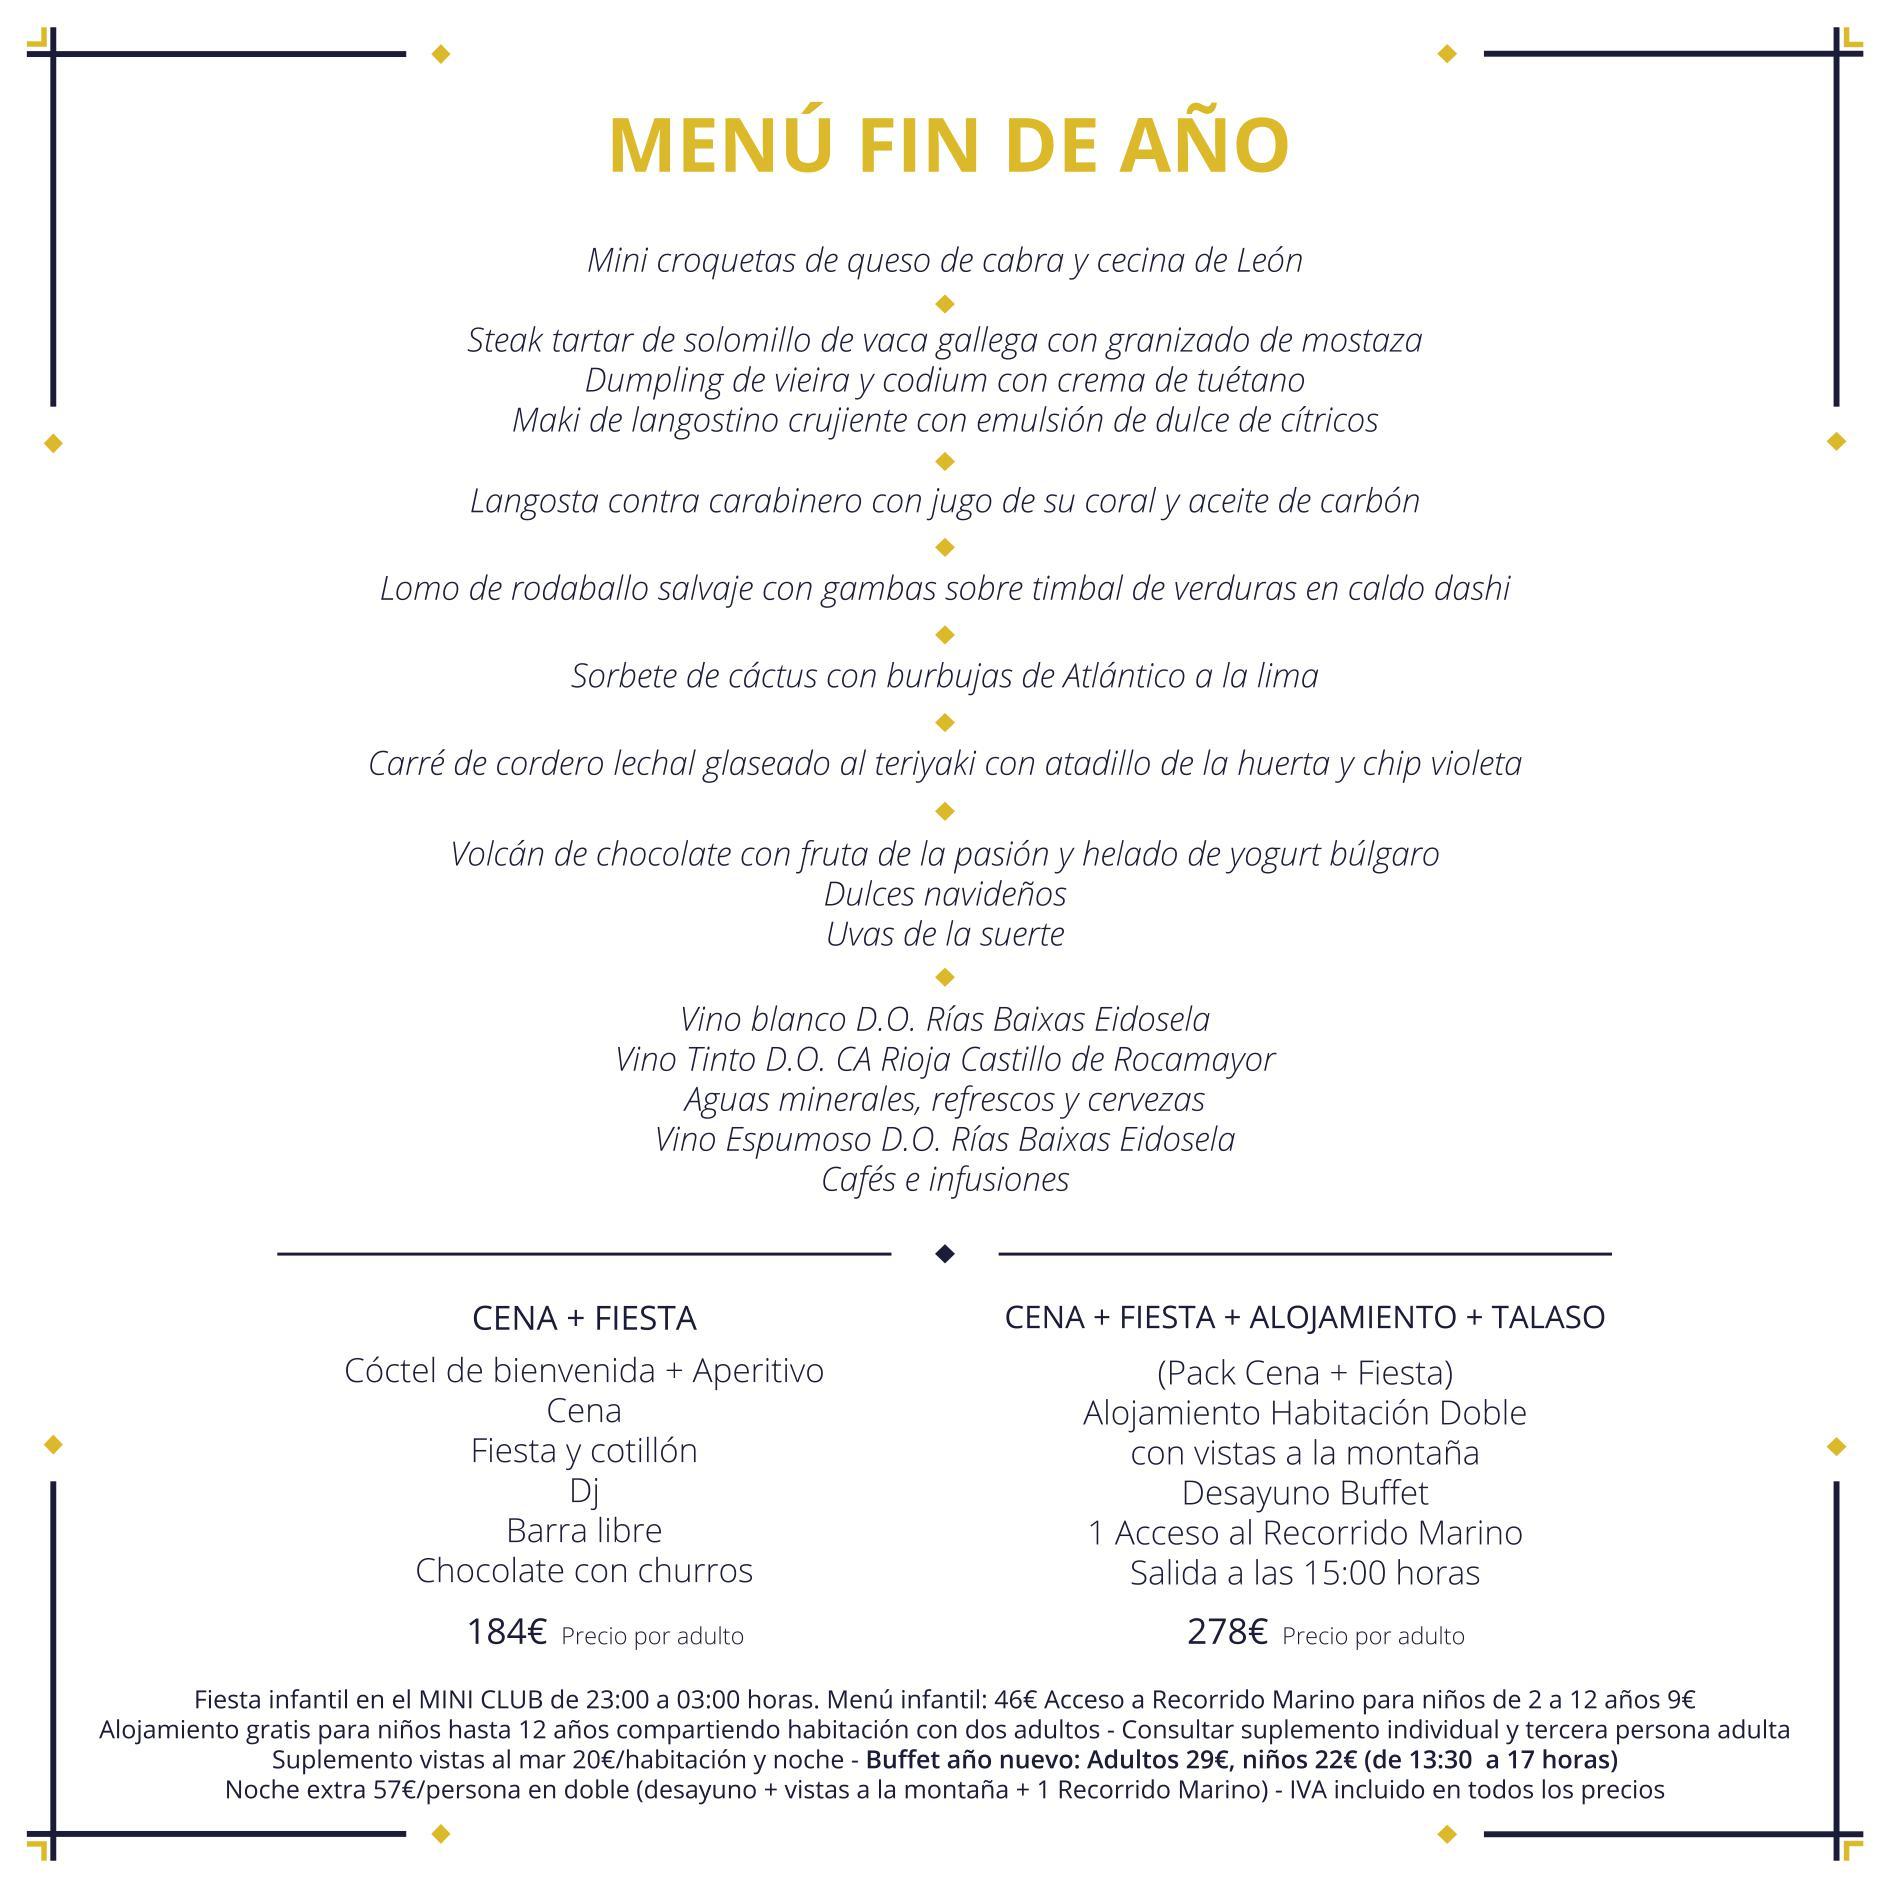 Hotel talasoterapia con restaurante para bodas y eventos - Menus para fin de ano ...